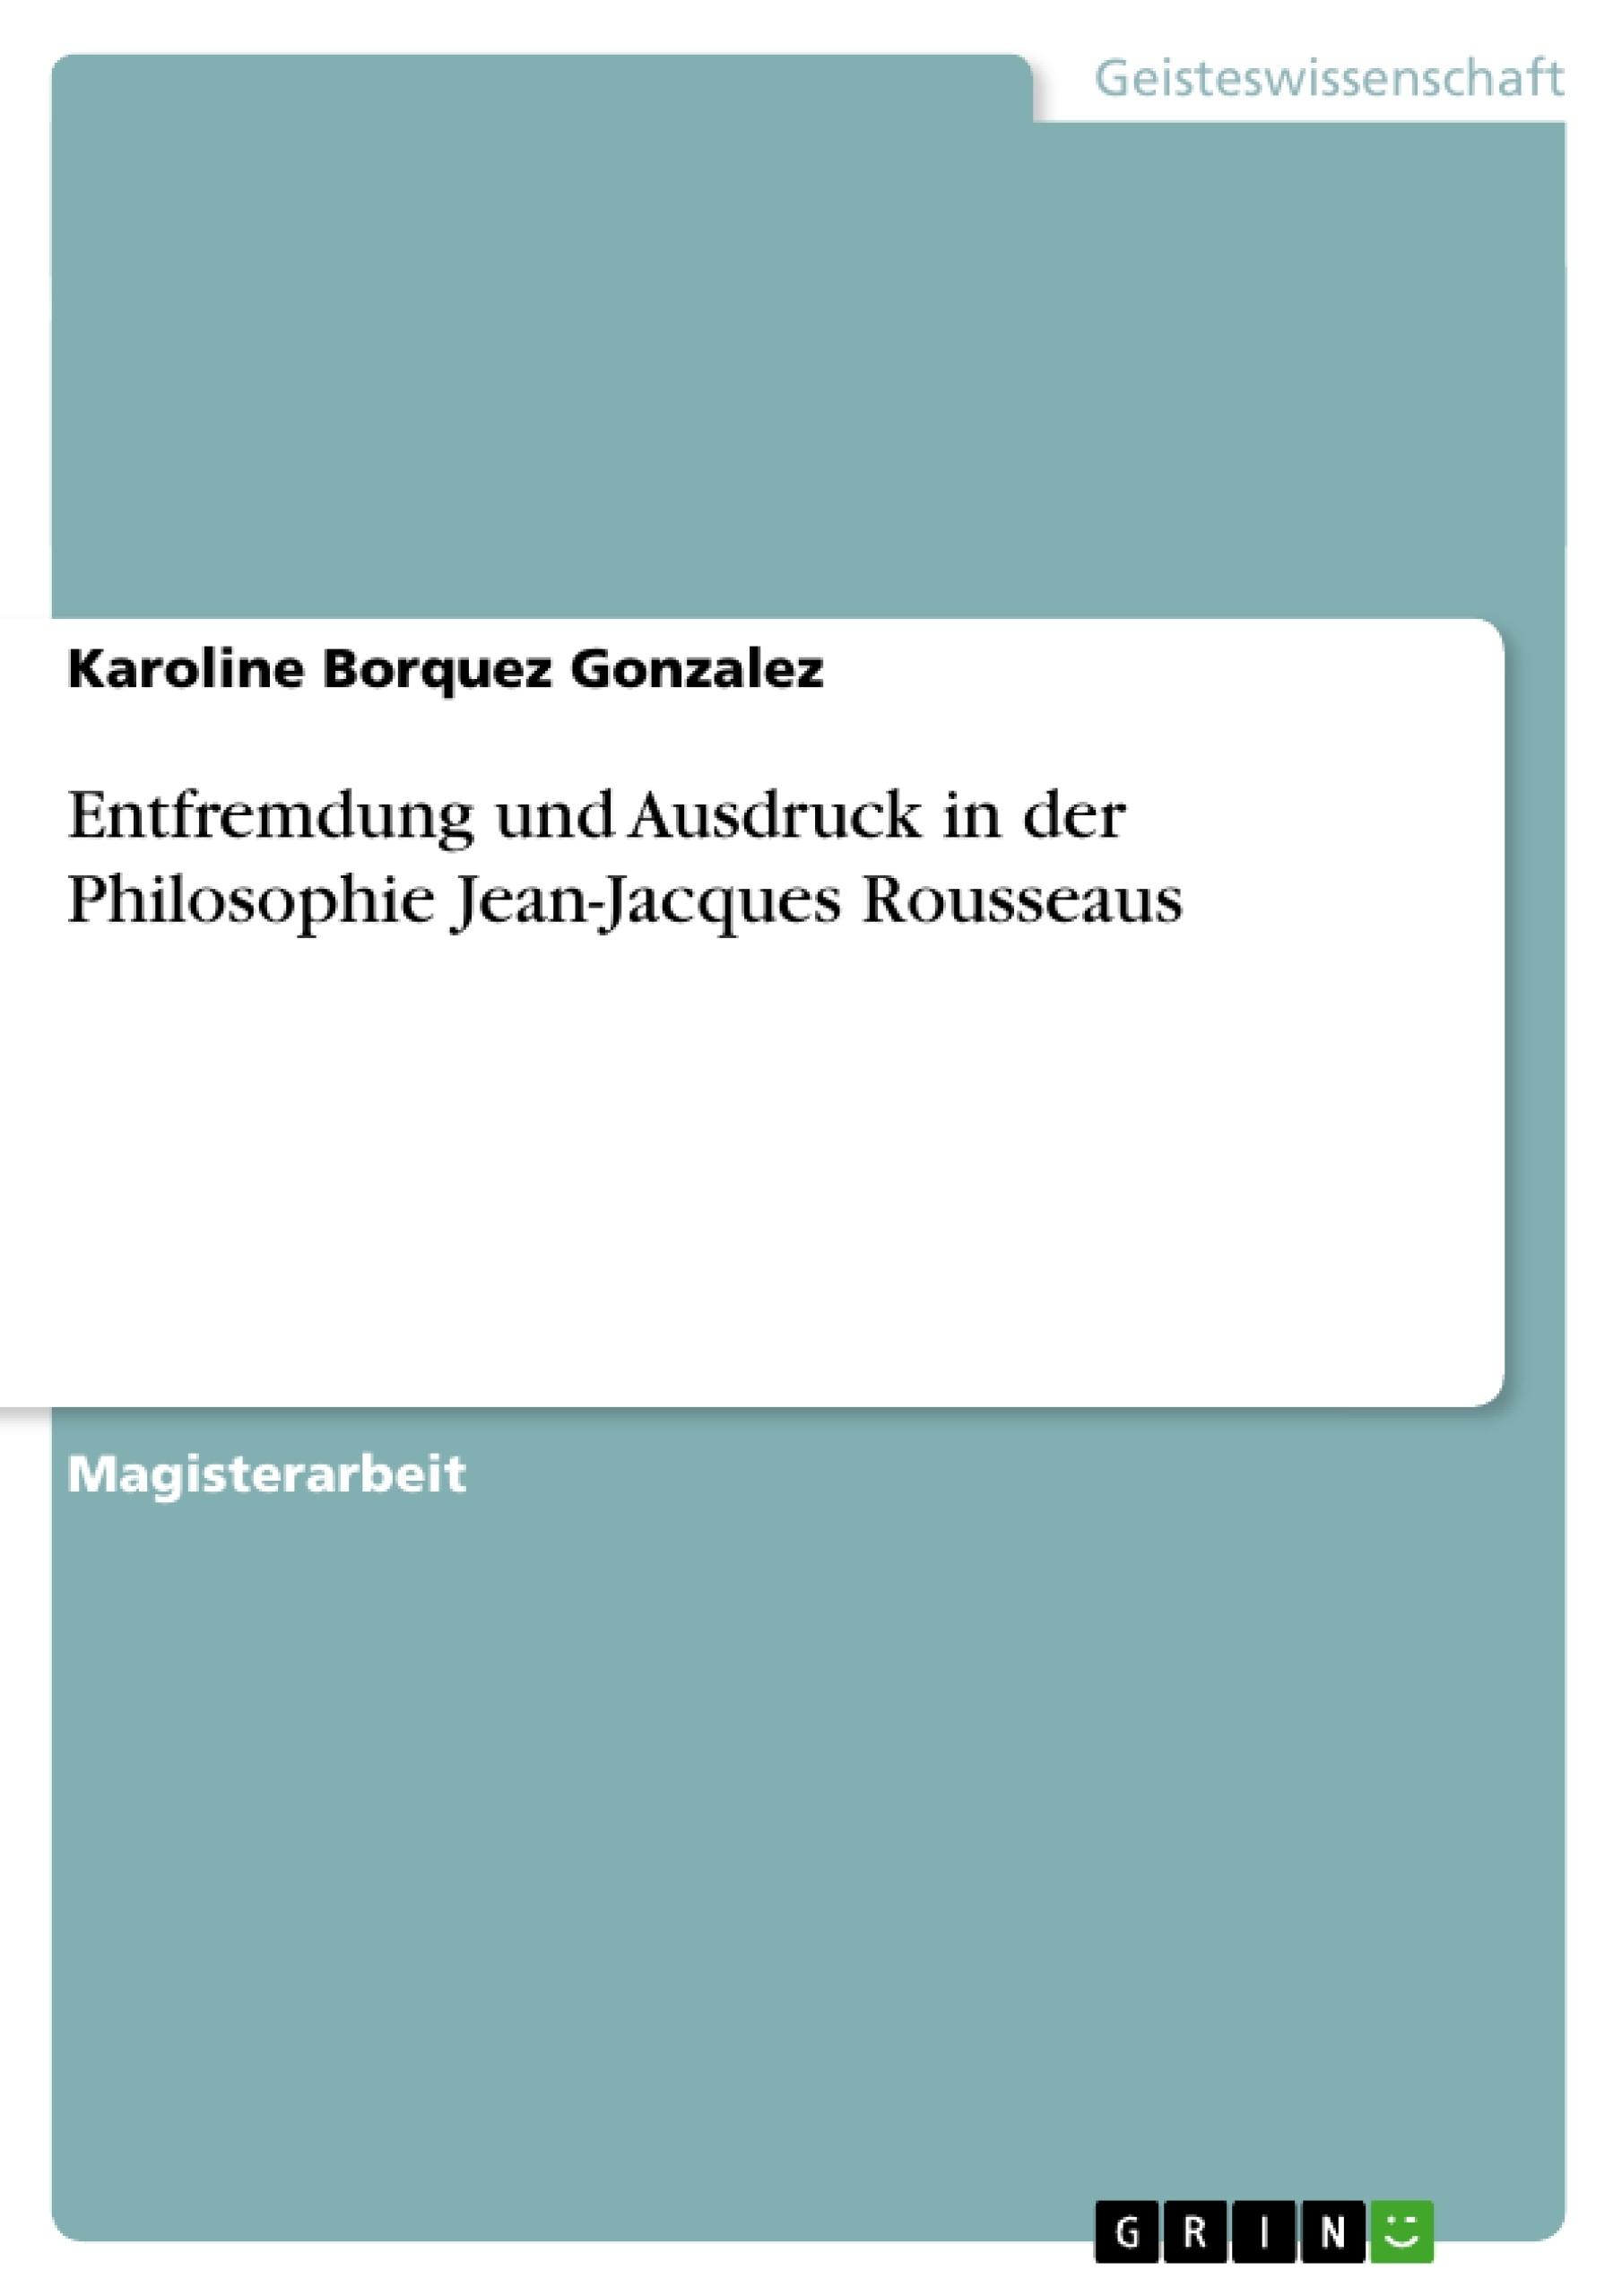 Titel: Entfremdung und Ausdruck in der Philosophie Jean-Jacques Rousseaus